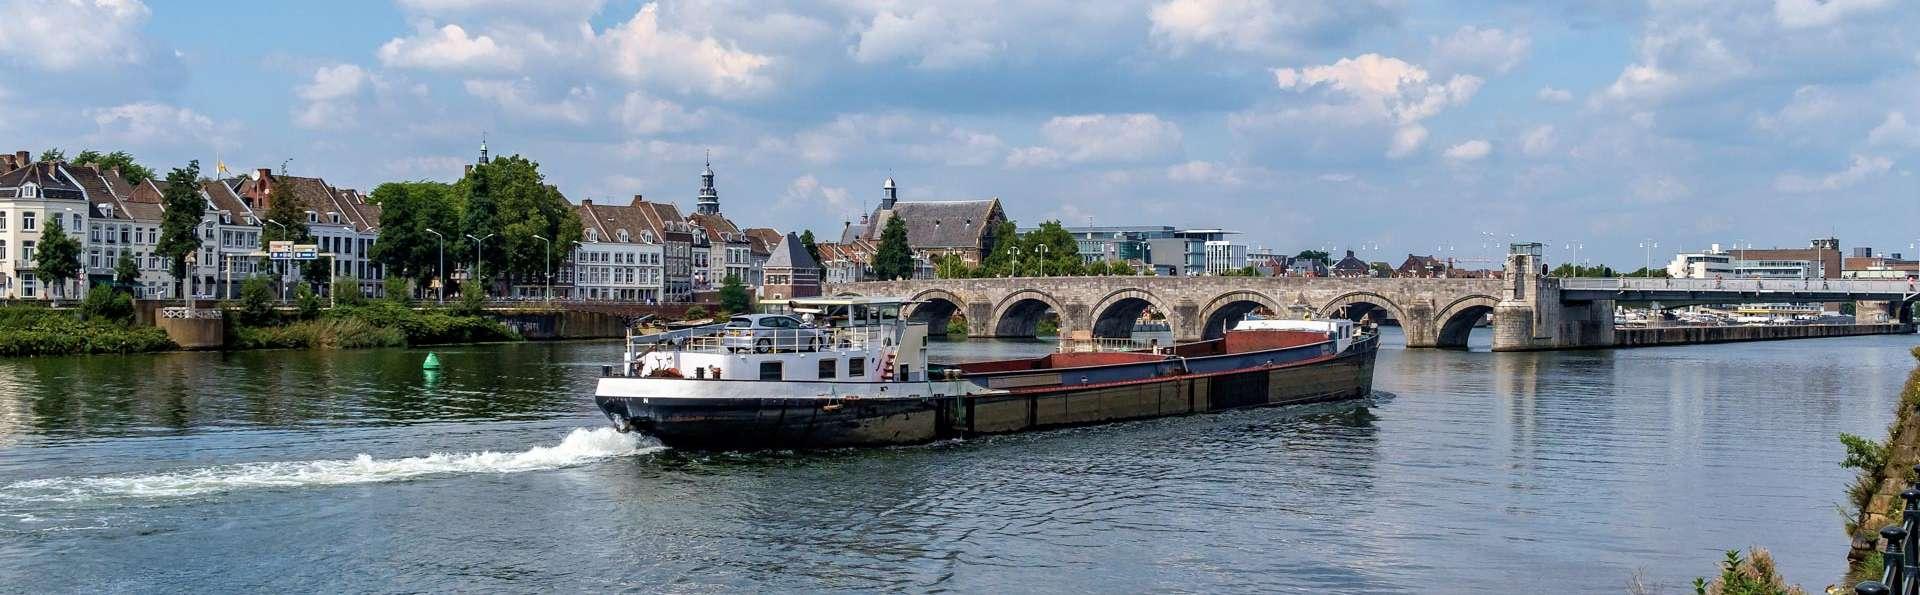 Novotel Maastricht - EDIT_MAASTRICHT_10.jpg